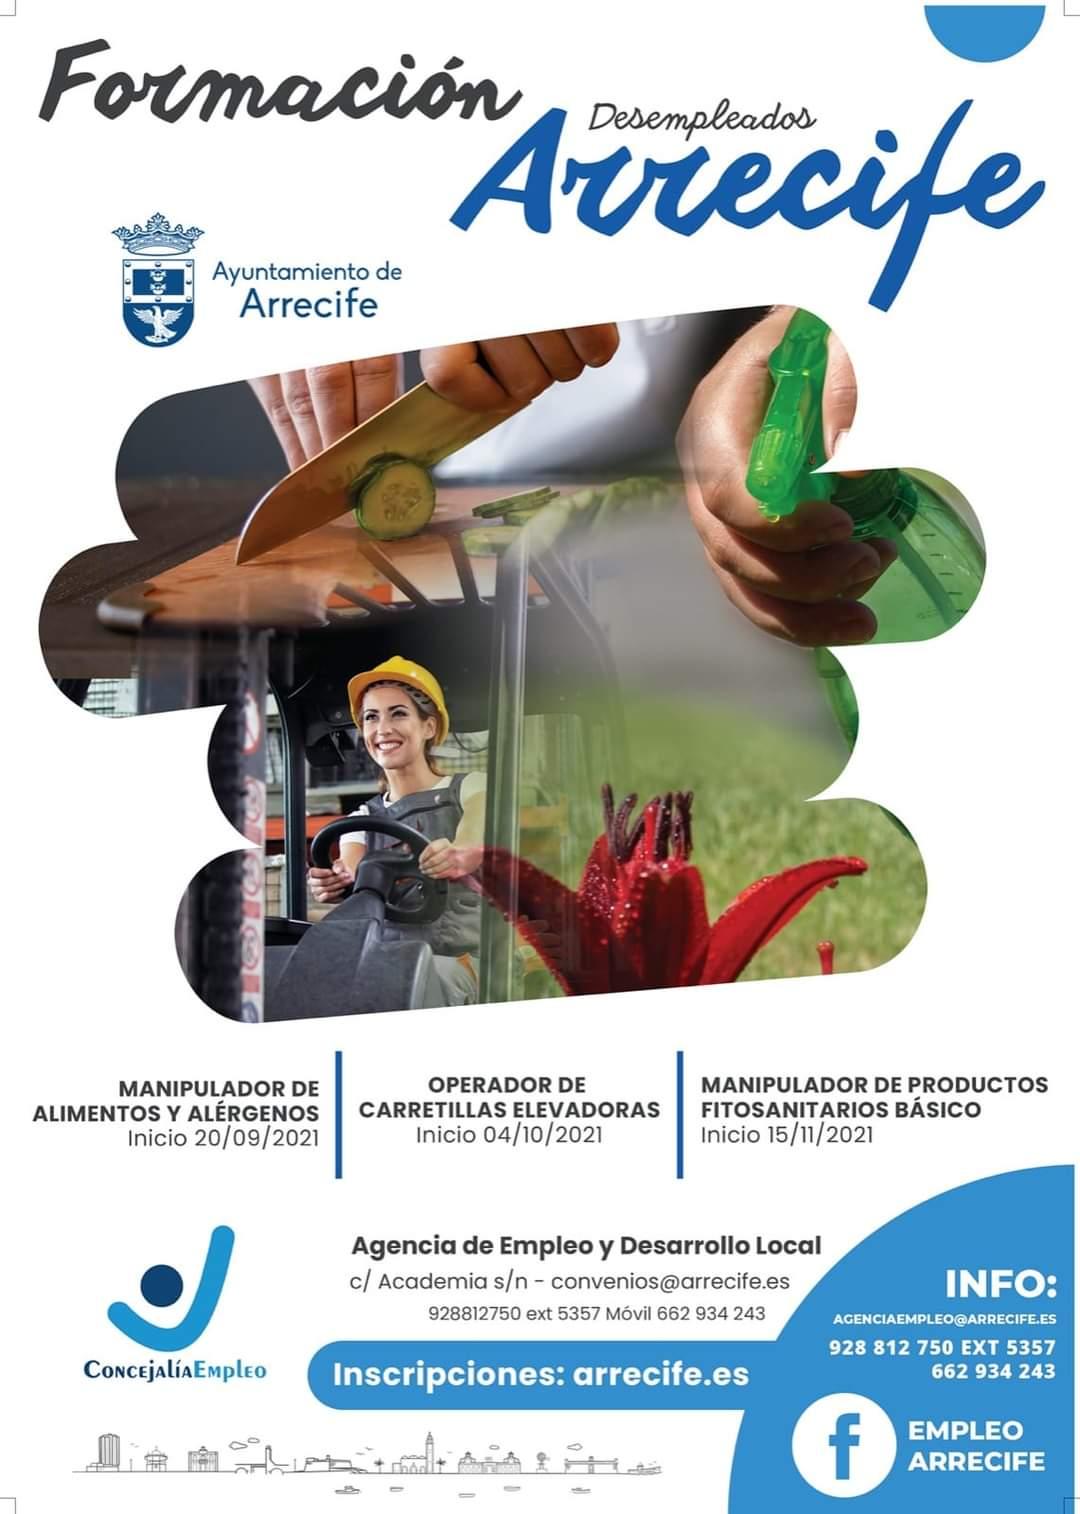 El Ayuntamiento de Arrecife hace pública la convocatoria de cursos para desempleados